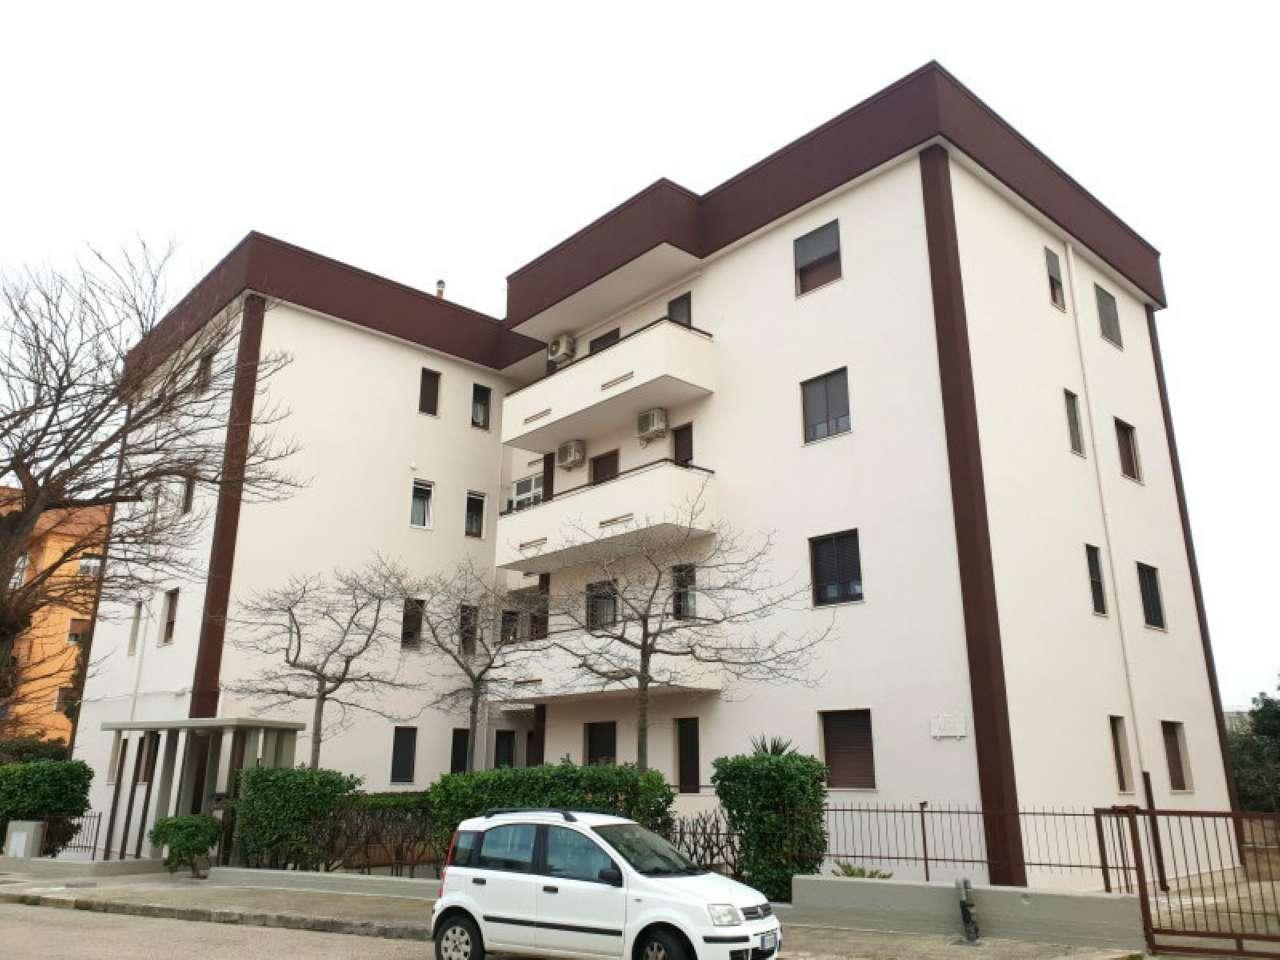 Appartamento in vendita a Fasano, 4 locali, prezzo € 169.000 | PortaleAgenzieImmobiliari.it